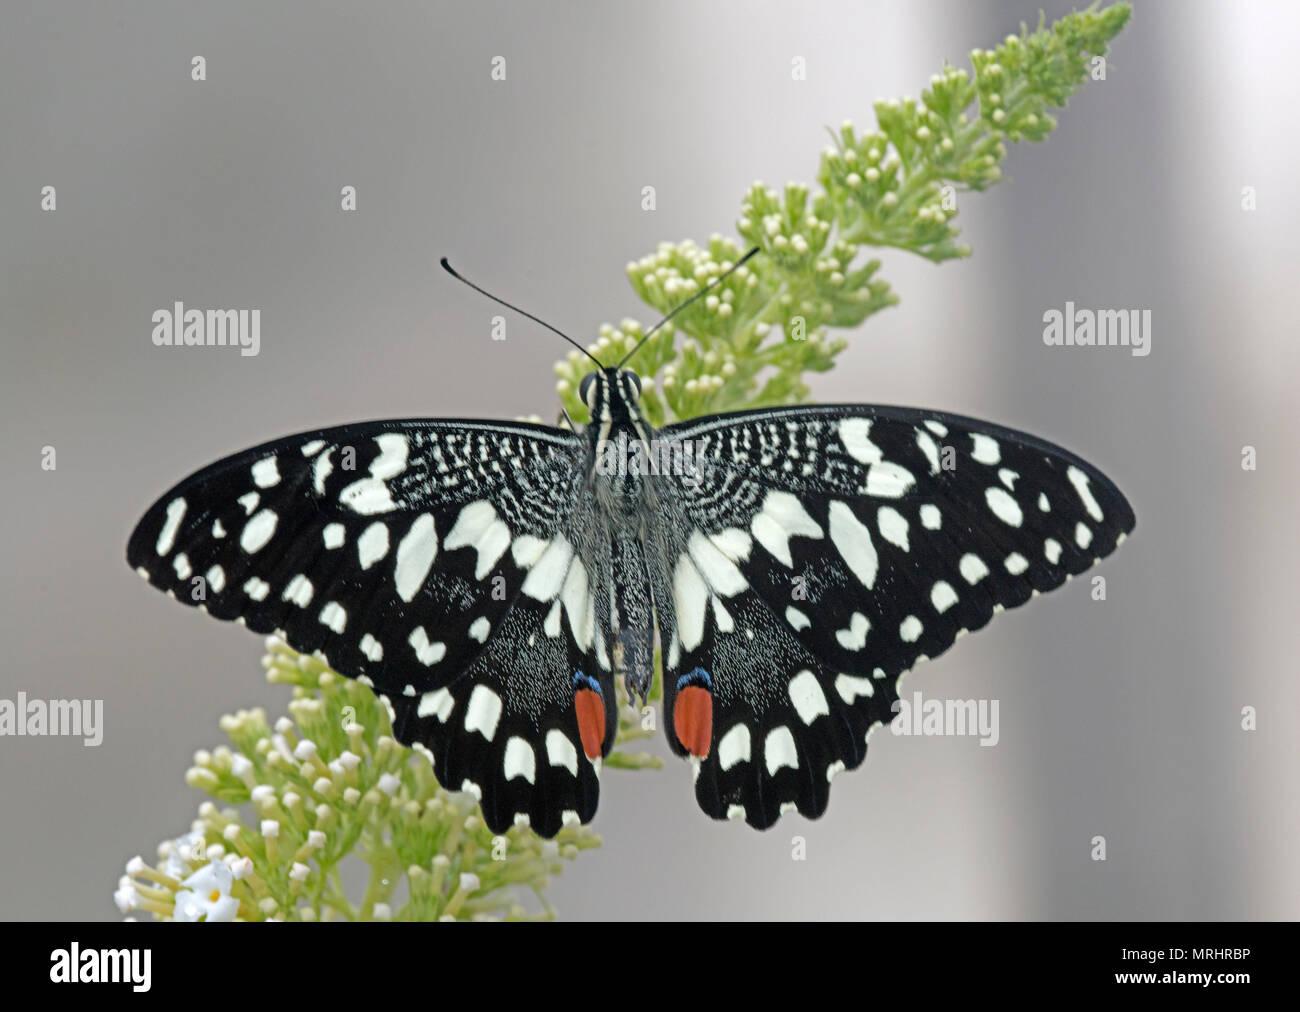 Limone, butterfly Papilio demoleus. Conosciuta anche come la calce butterfly, calce a coda di rondine e a coda di rondine a scacchi. Immagini Stock